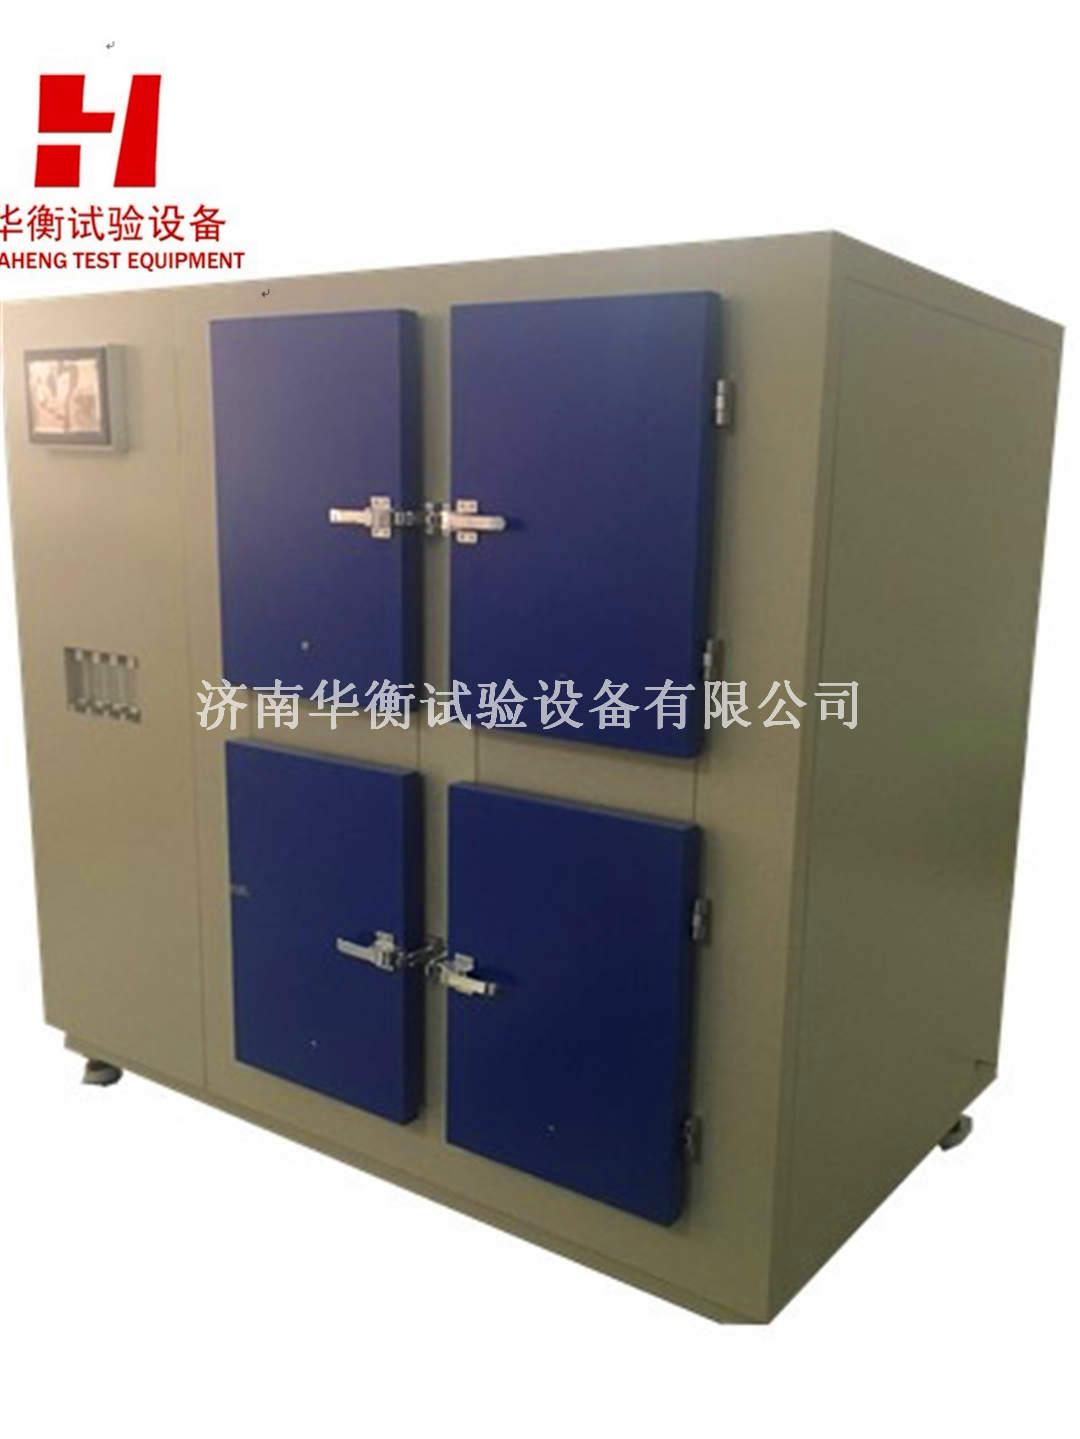 0.2立方米甲醛气候箱